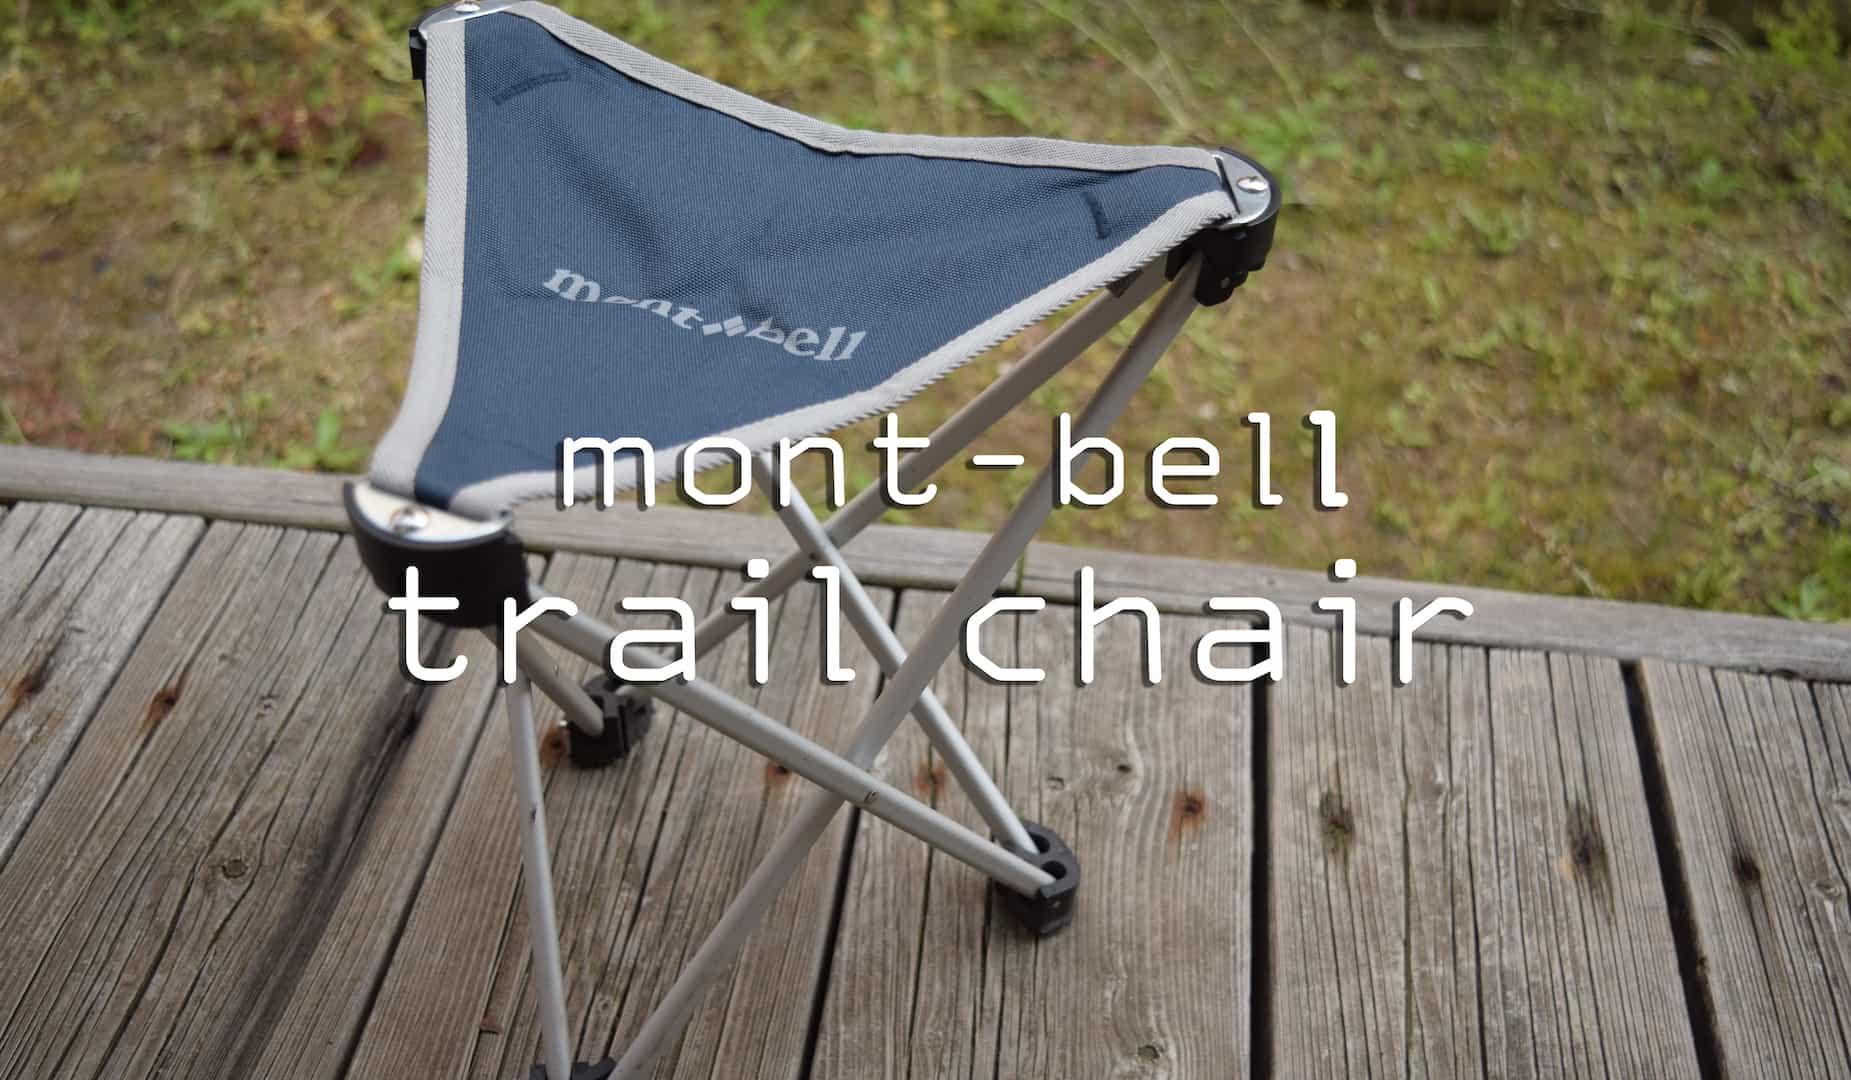 【ギアレビュー】モンベルのトレールチェアがキャンプで使える!